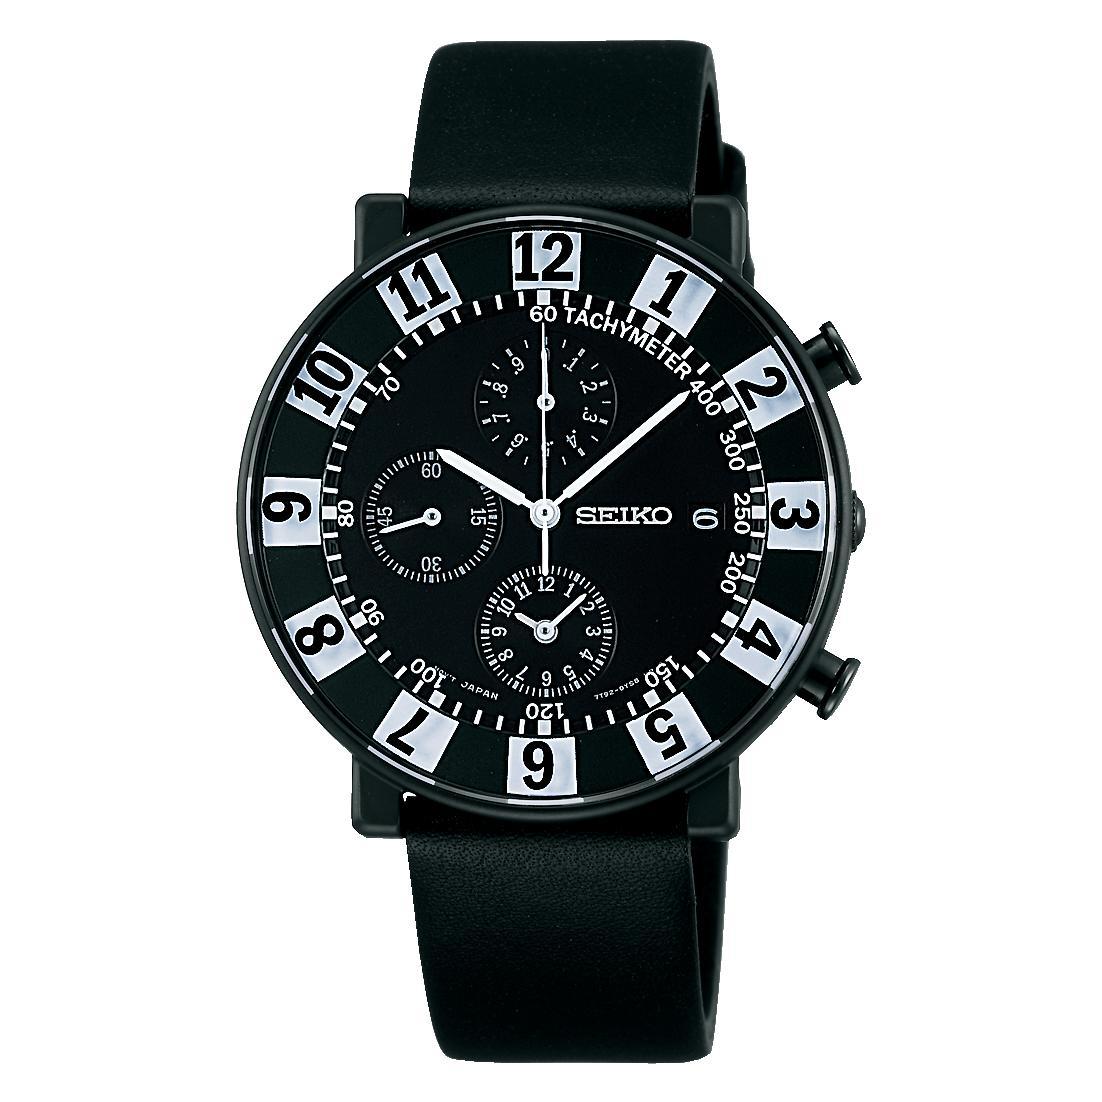 セイコー スピリット スマート SEIKO SPIRIT SMART SCEB041 メンズ 腕時計 クオーツ ソットサス 限定モデル